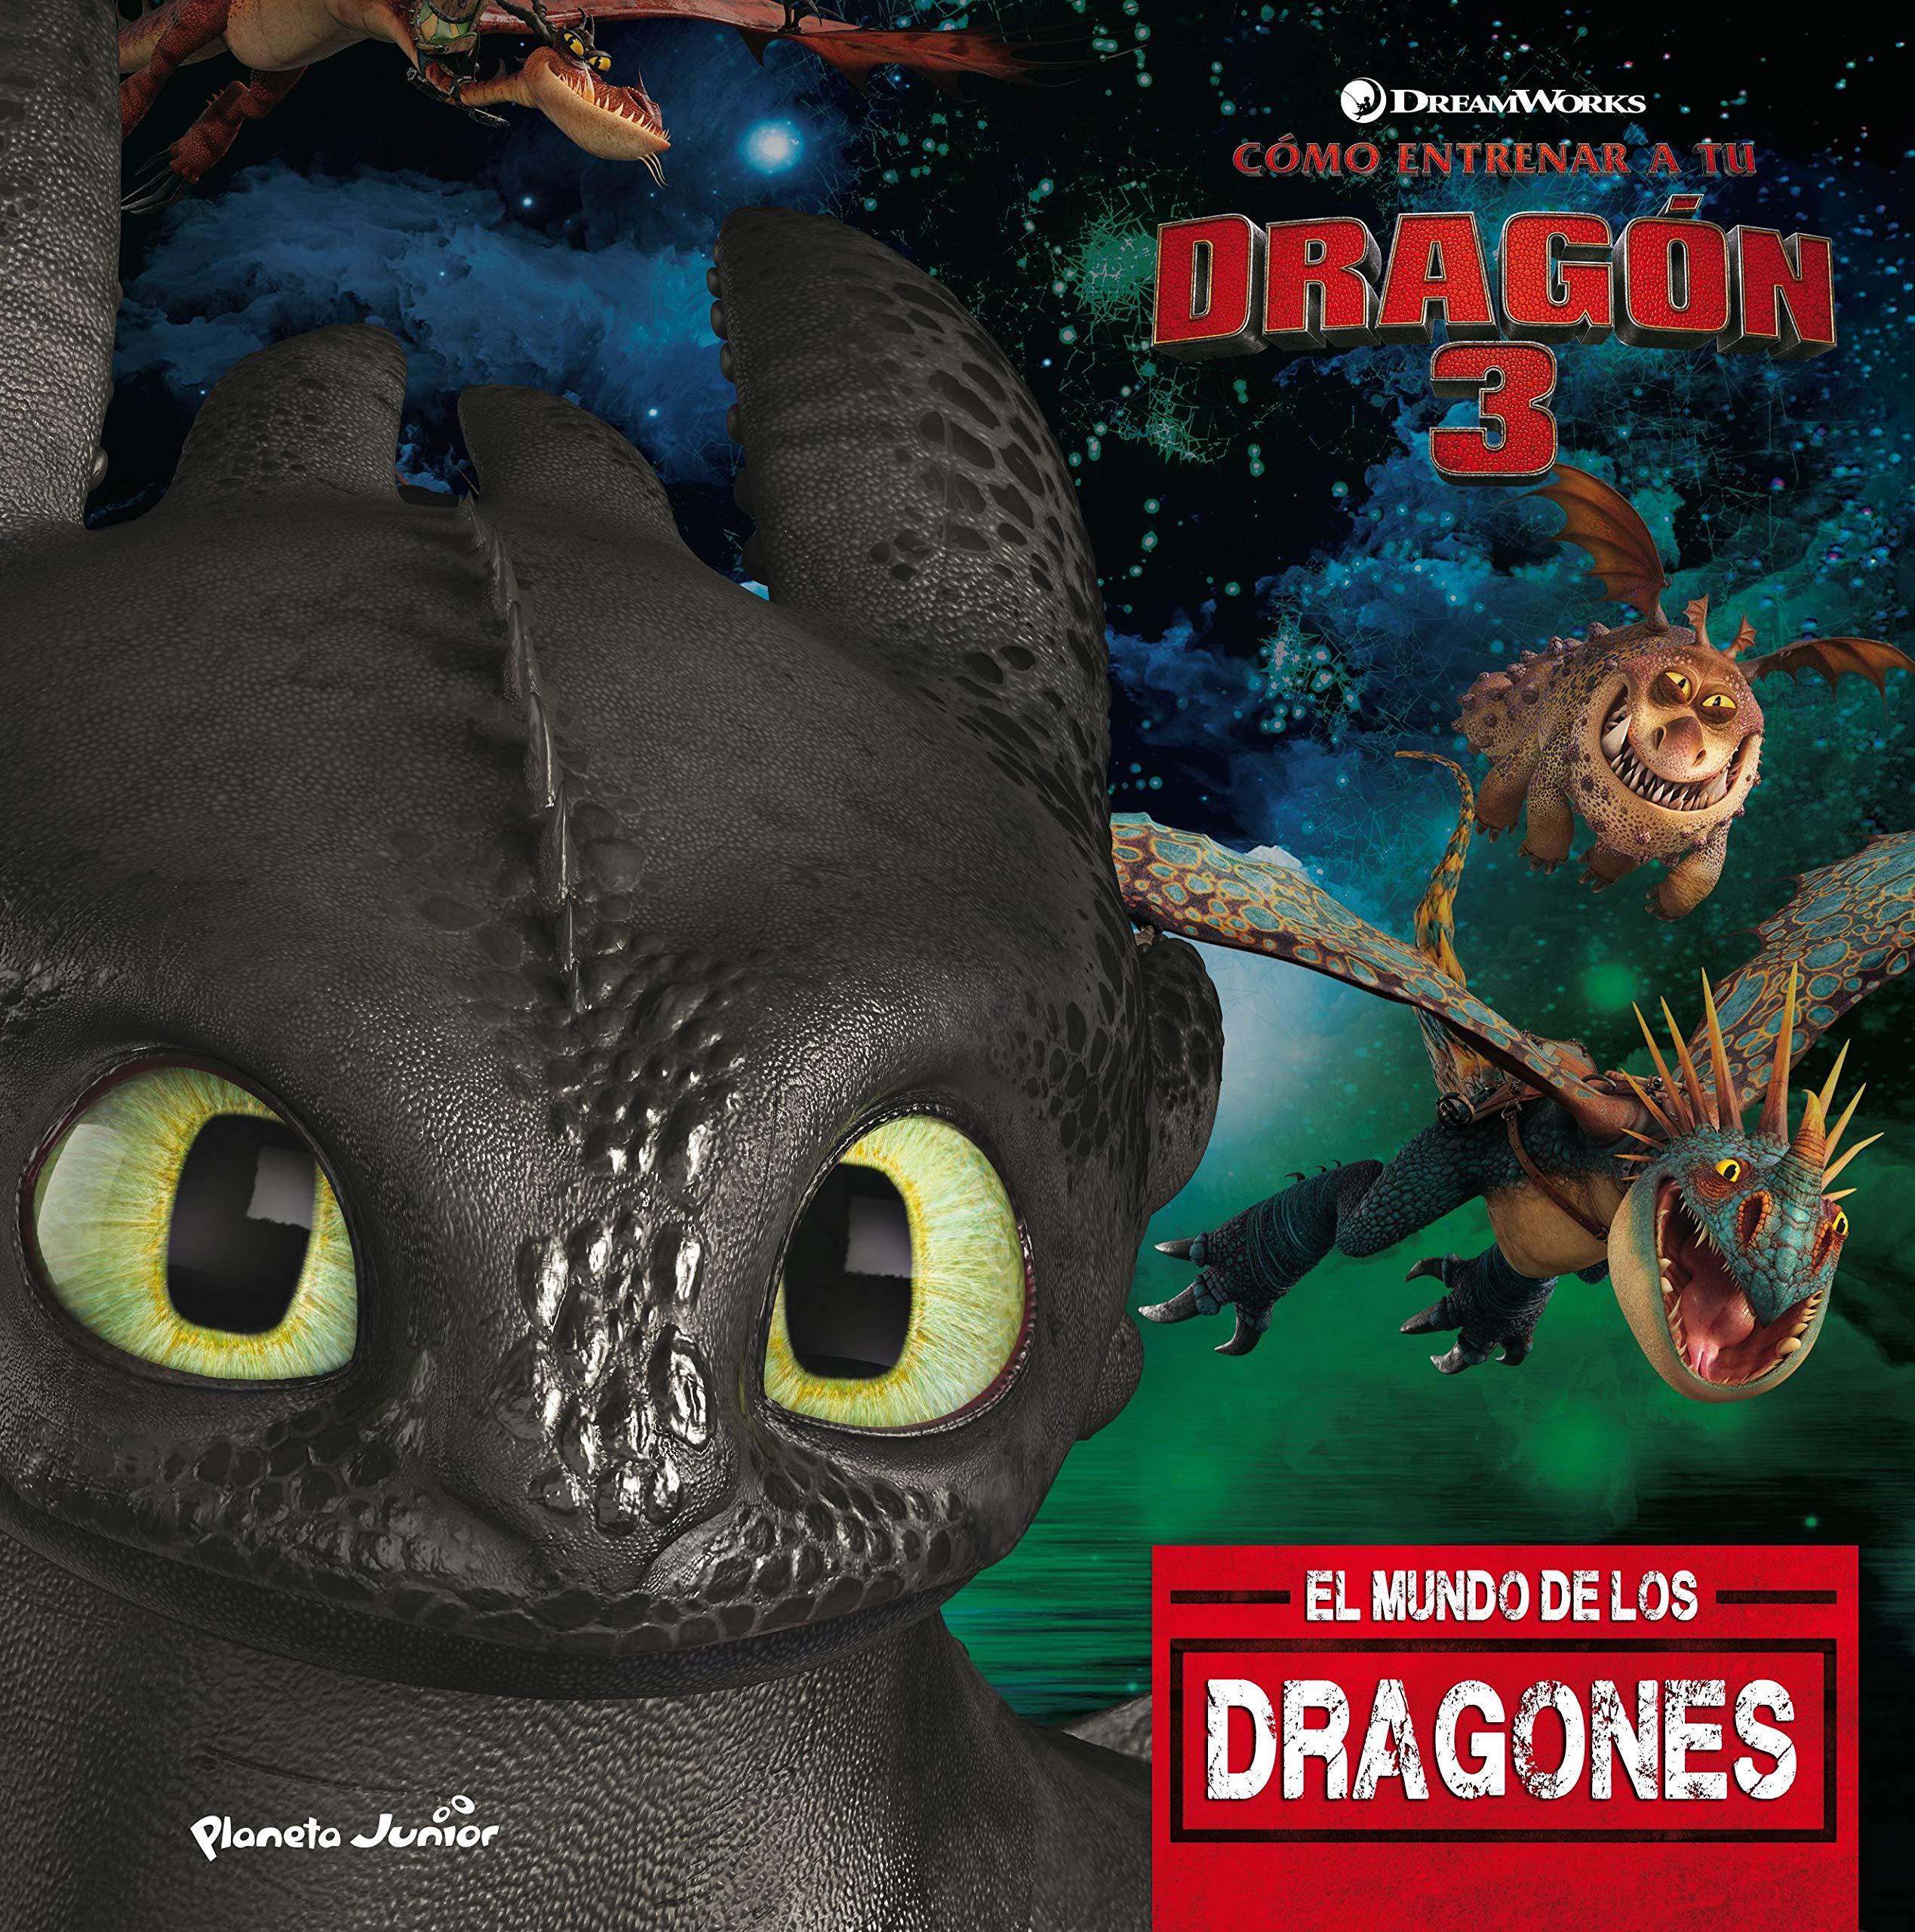 Cómo Entrenar A Tu Dragón 3 El Mundo De Los Dragones Dreamworks Cómo Entrenar A Tu Dragón Spanish Edition Dreamworks Editorial Planeta S A 9788408201700 Books